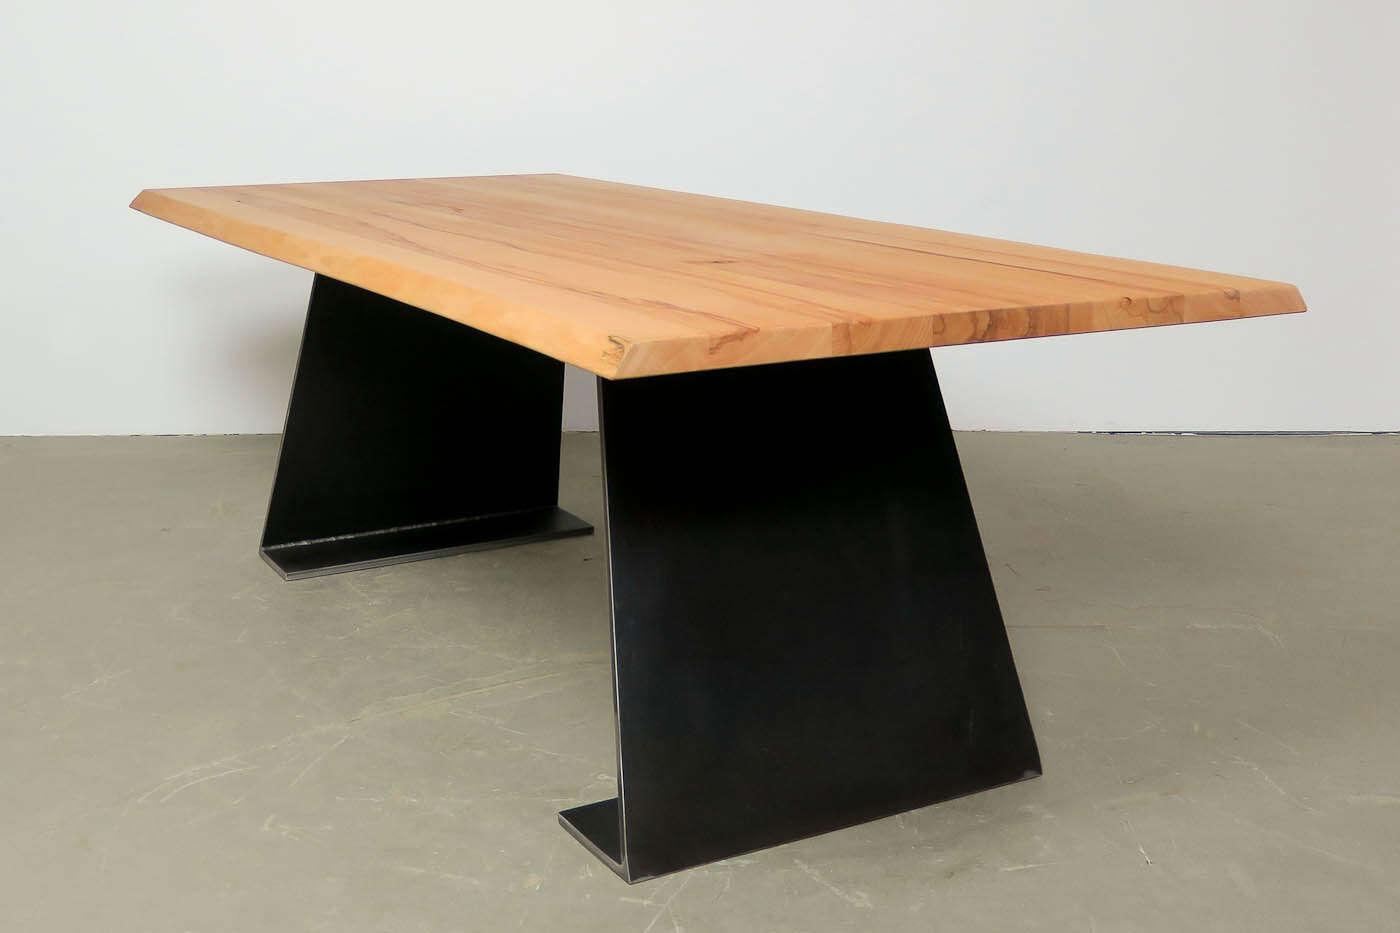 farum massivholztisch auf ma kernbuche. Black Bedroom Furniture Sets. Home Design Ideas